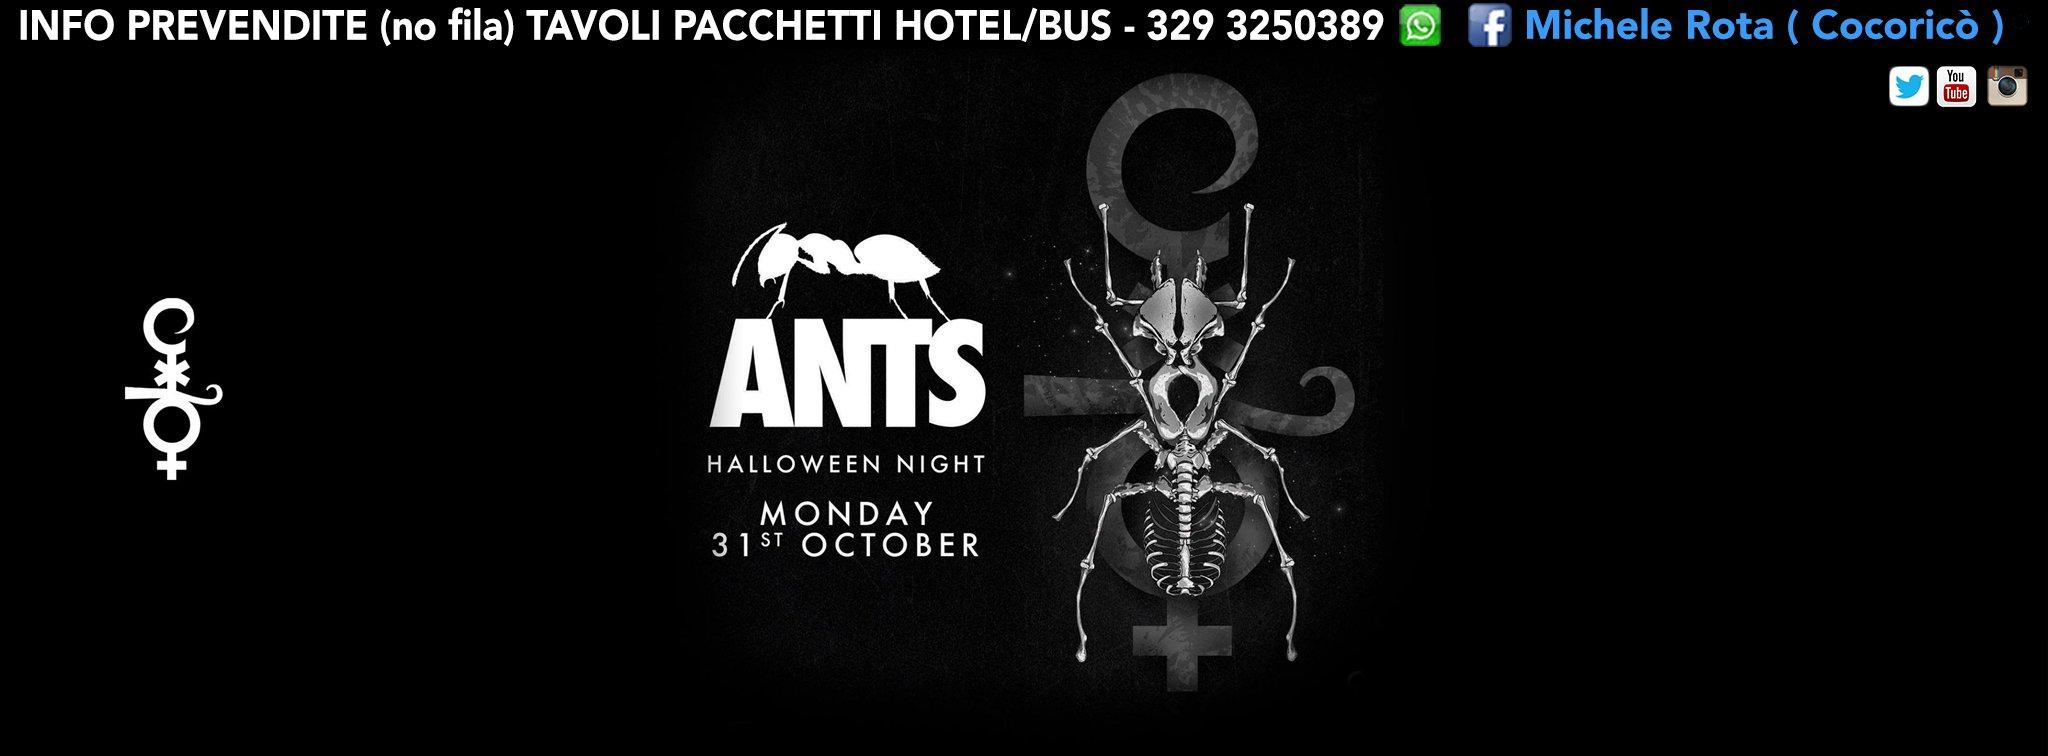 31-10-2016-halloween-cocorico-paerty-ants